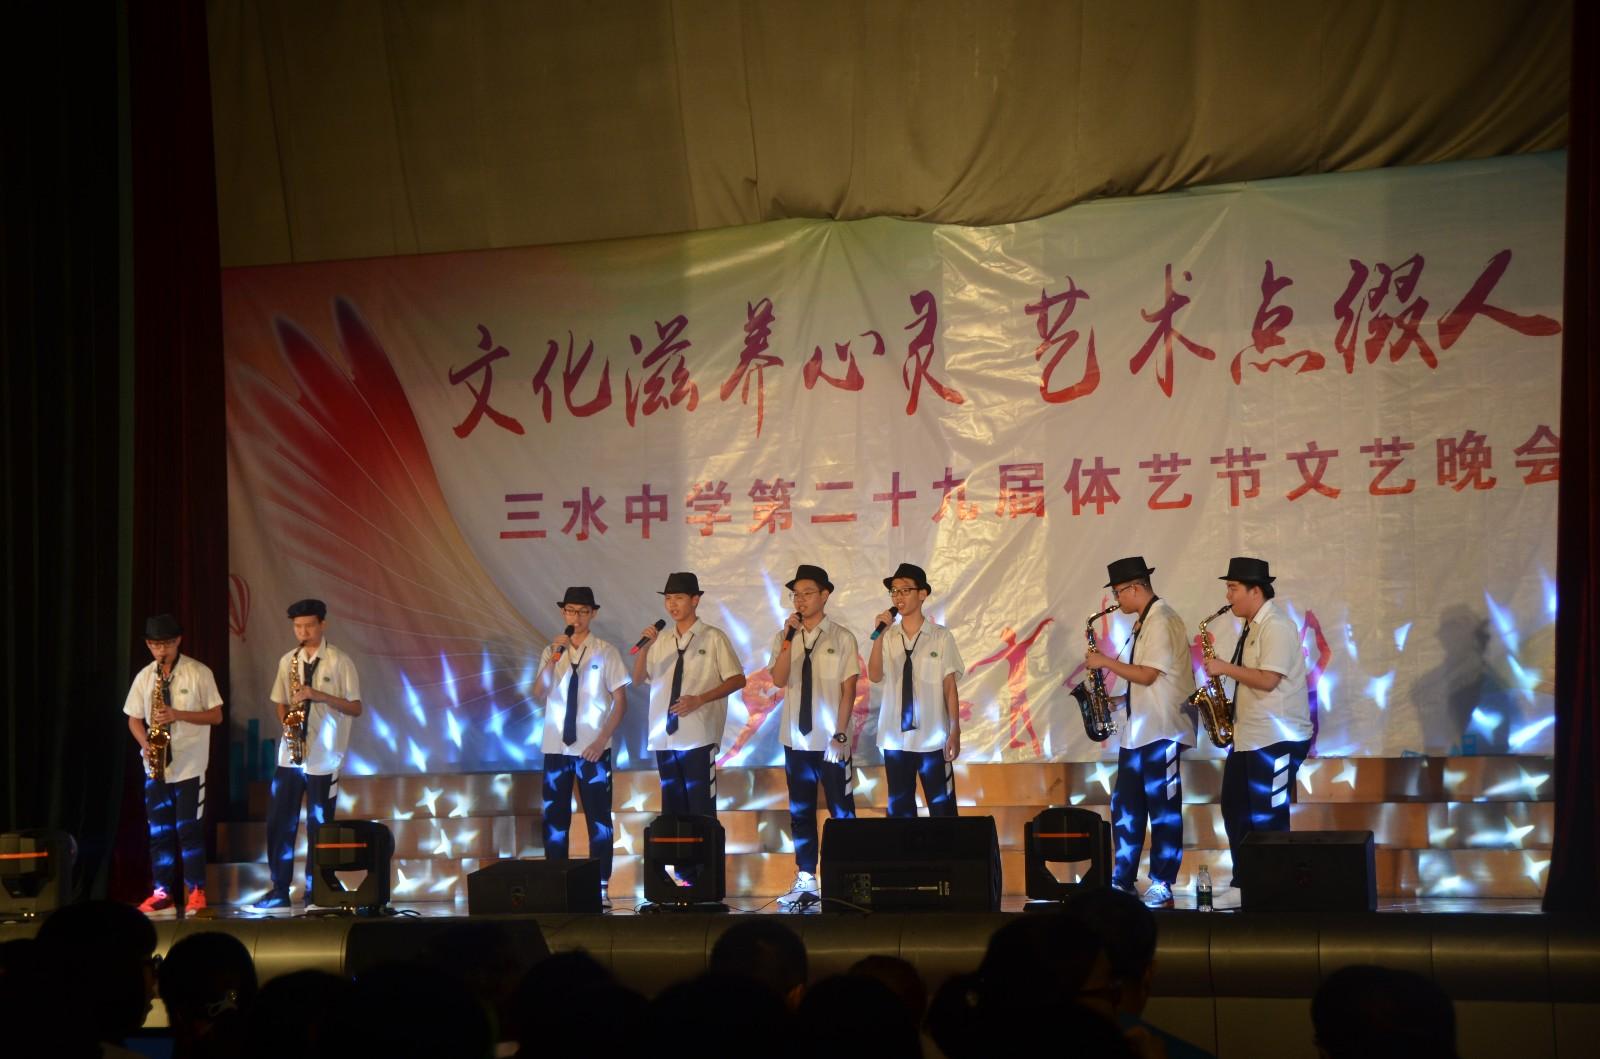 A1体艺节晚会之萨克斯演奏.JPG